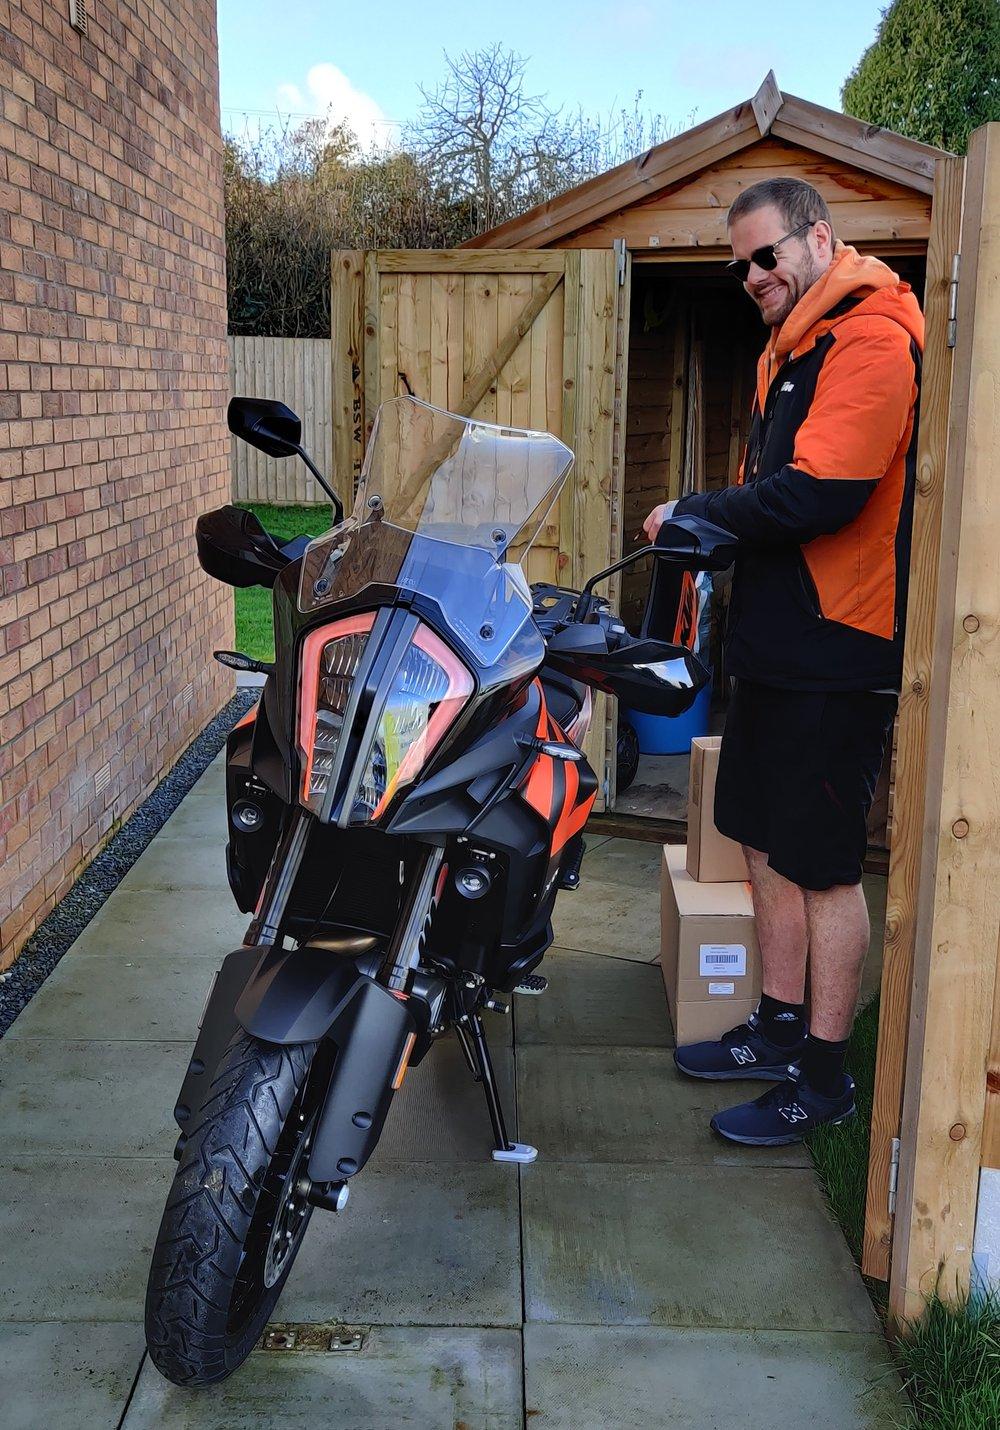 The KTM guy delivering the bike